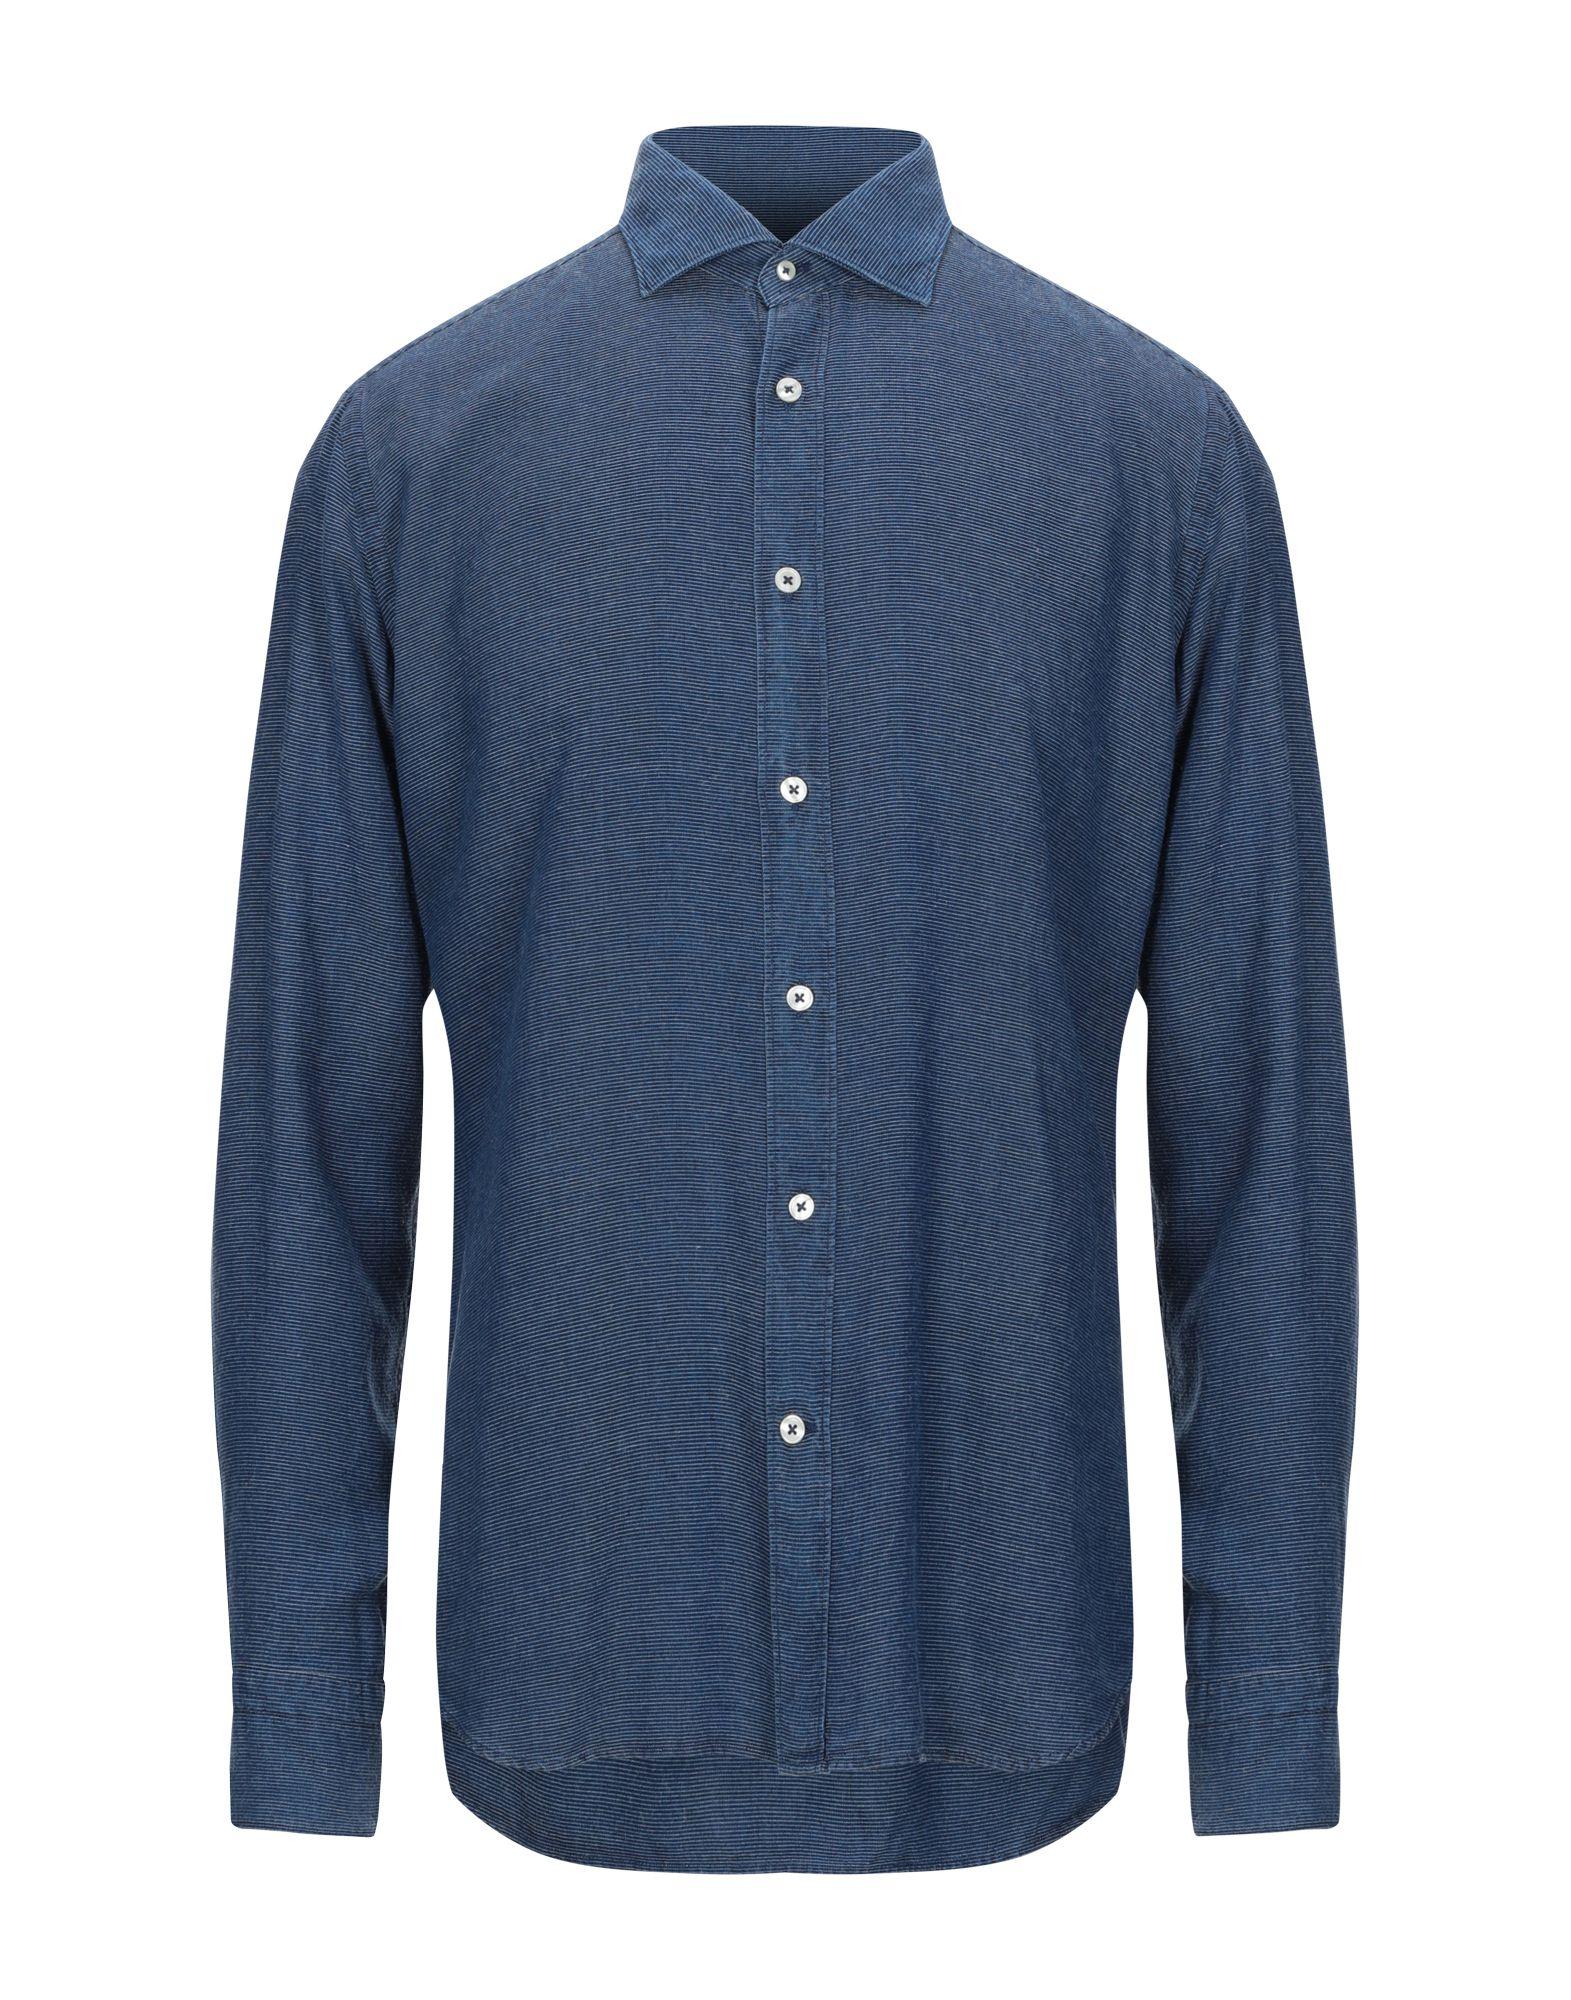 Фото - CALIBAN Джинсовая рубашка caliban поло